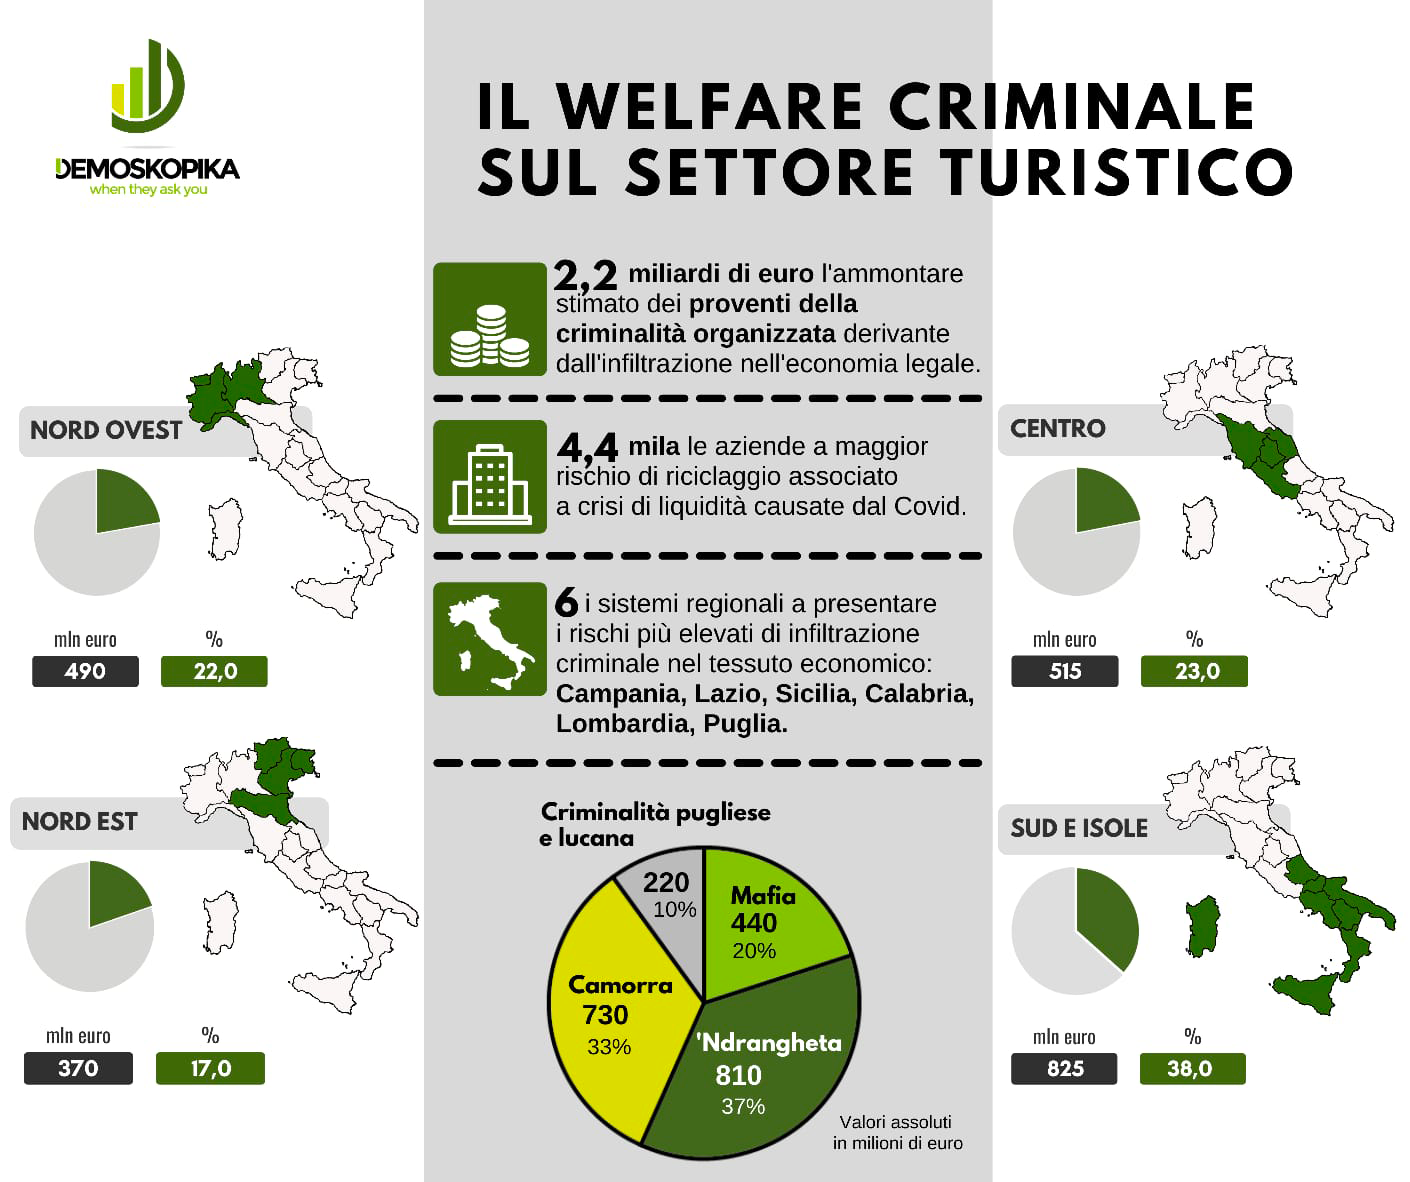 il welfare criminale sul settore turistico